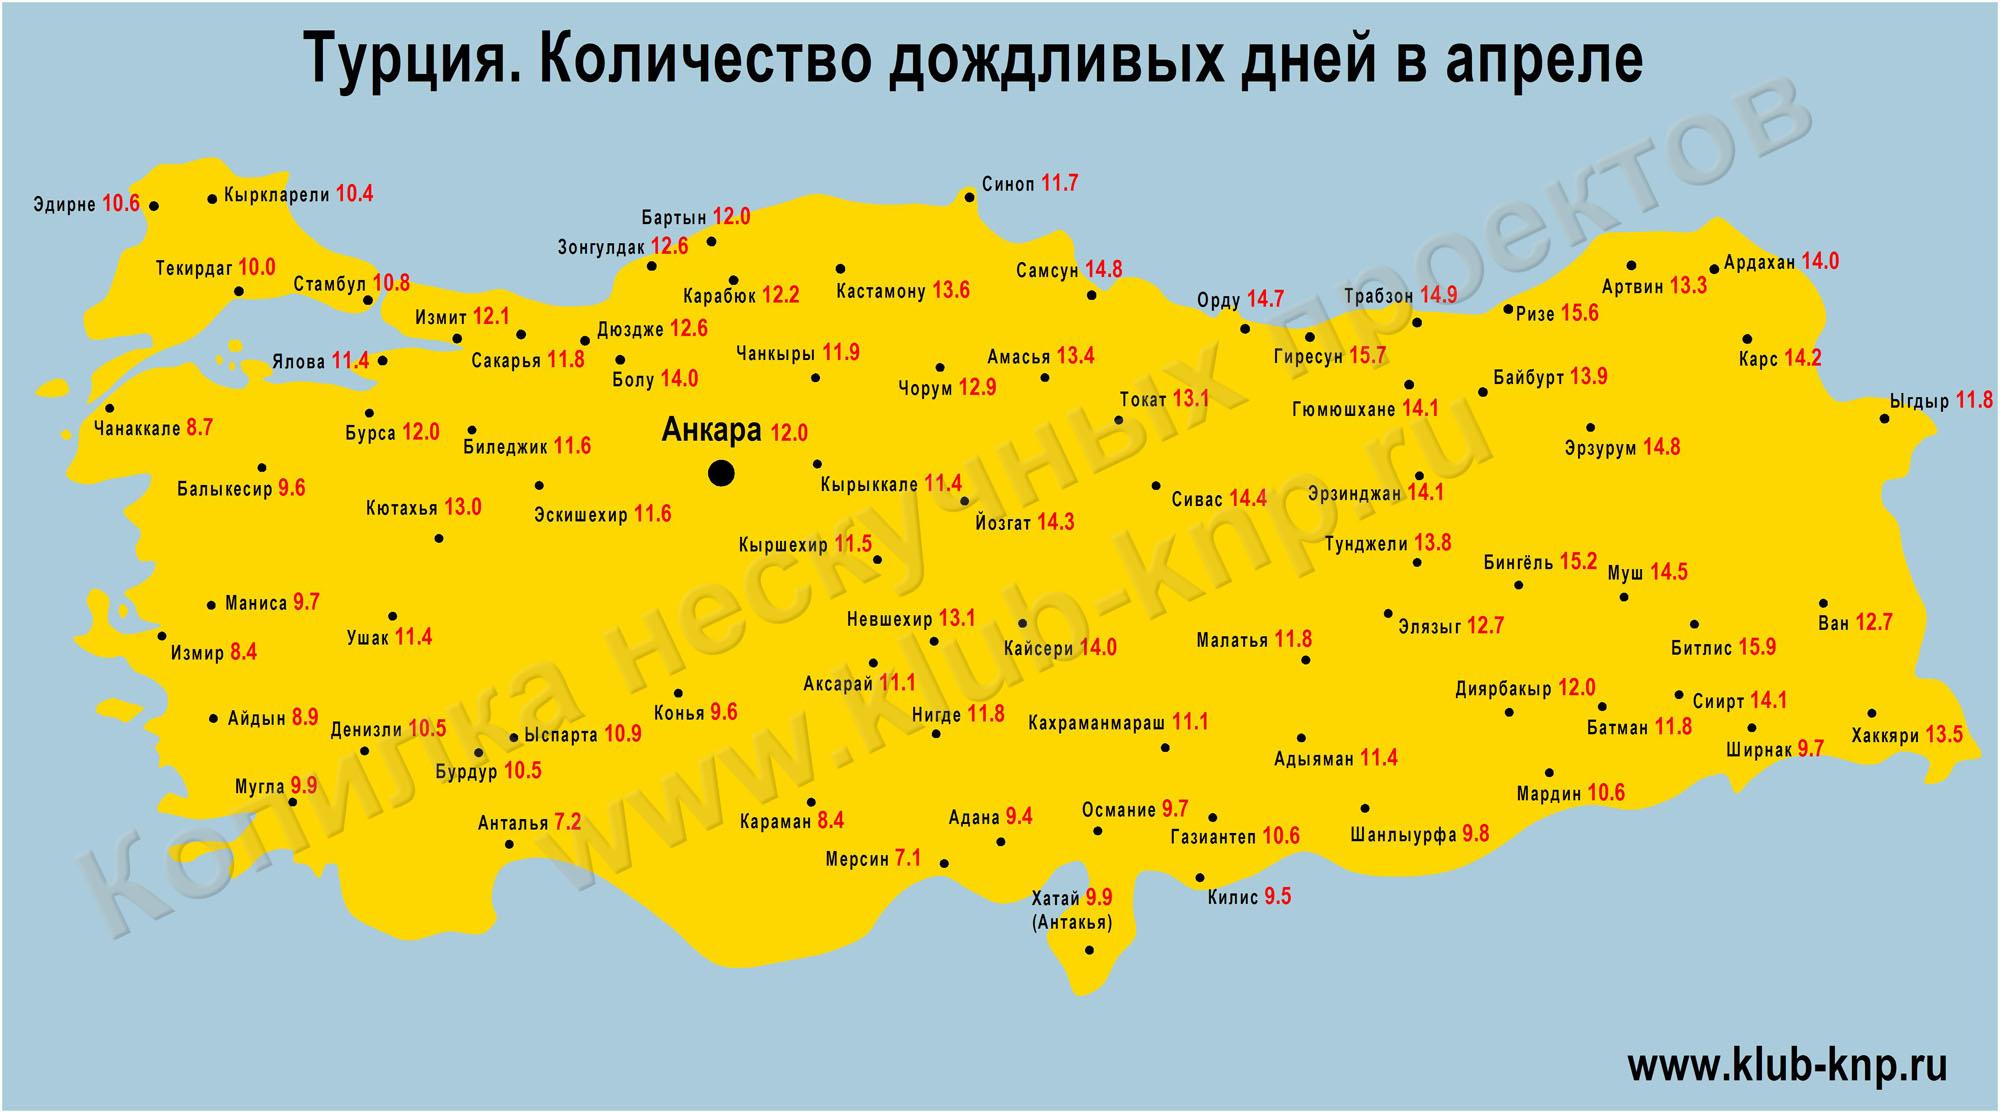 Погода в Турции в апреле